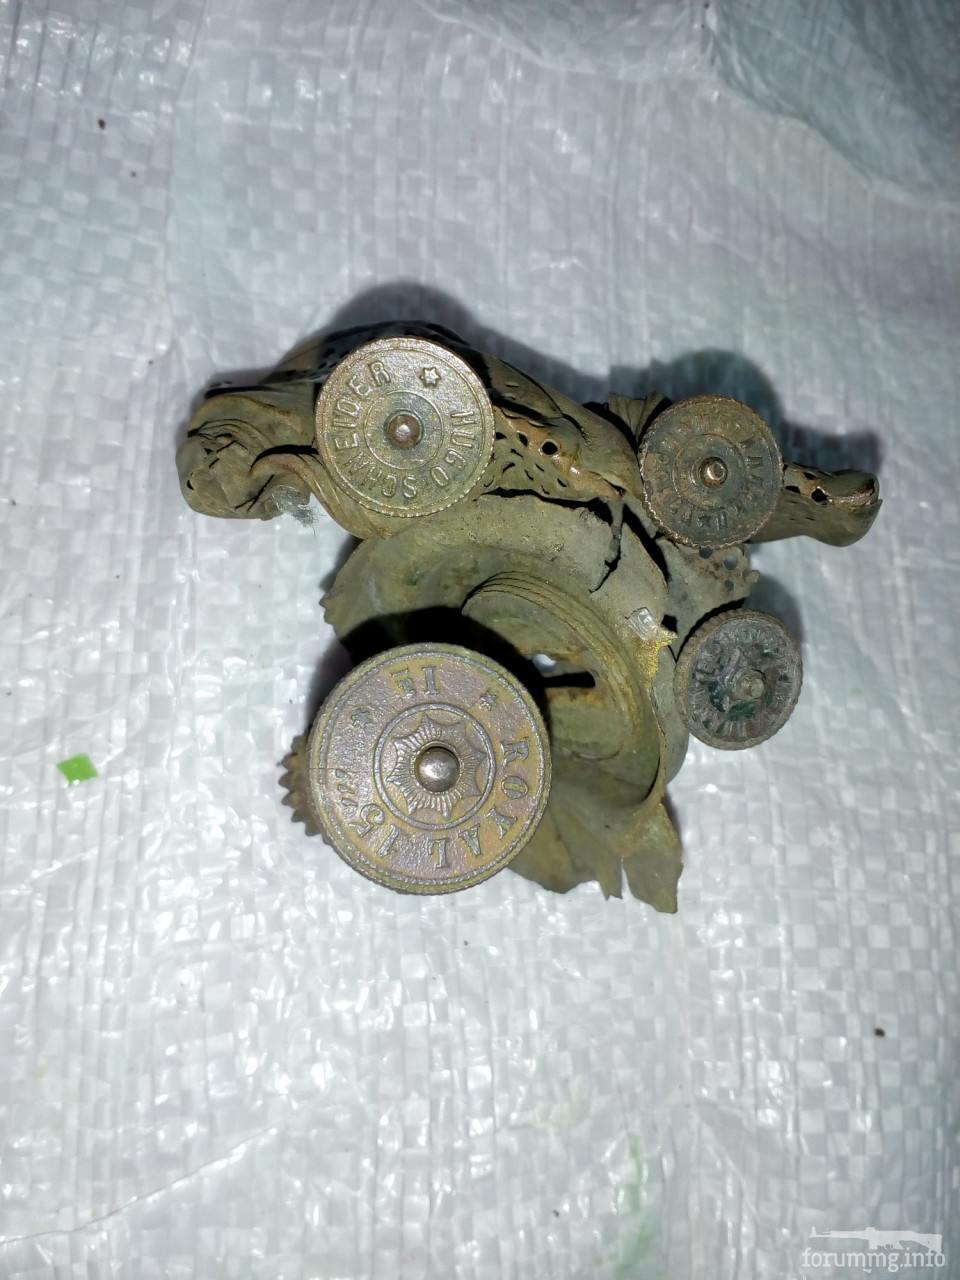 121364 - колесики к керосиновым лампам...может кому нужны в коллекцию?